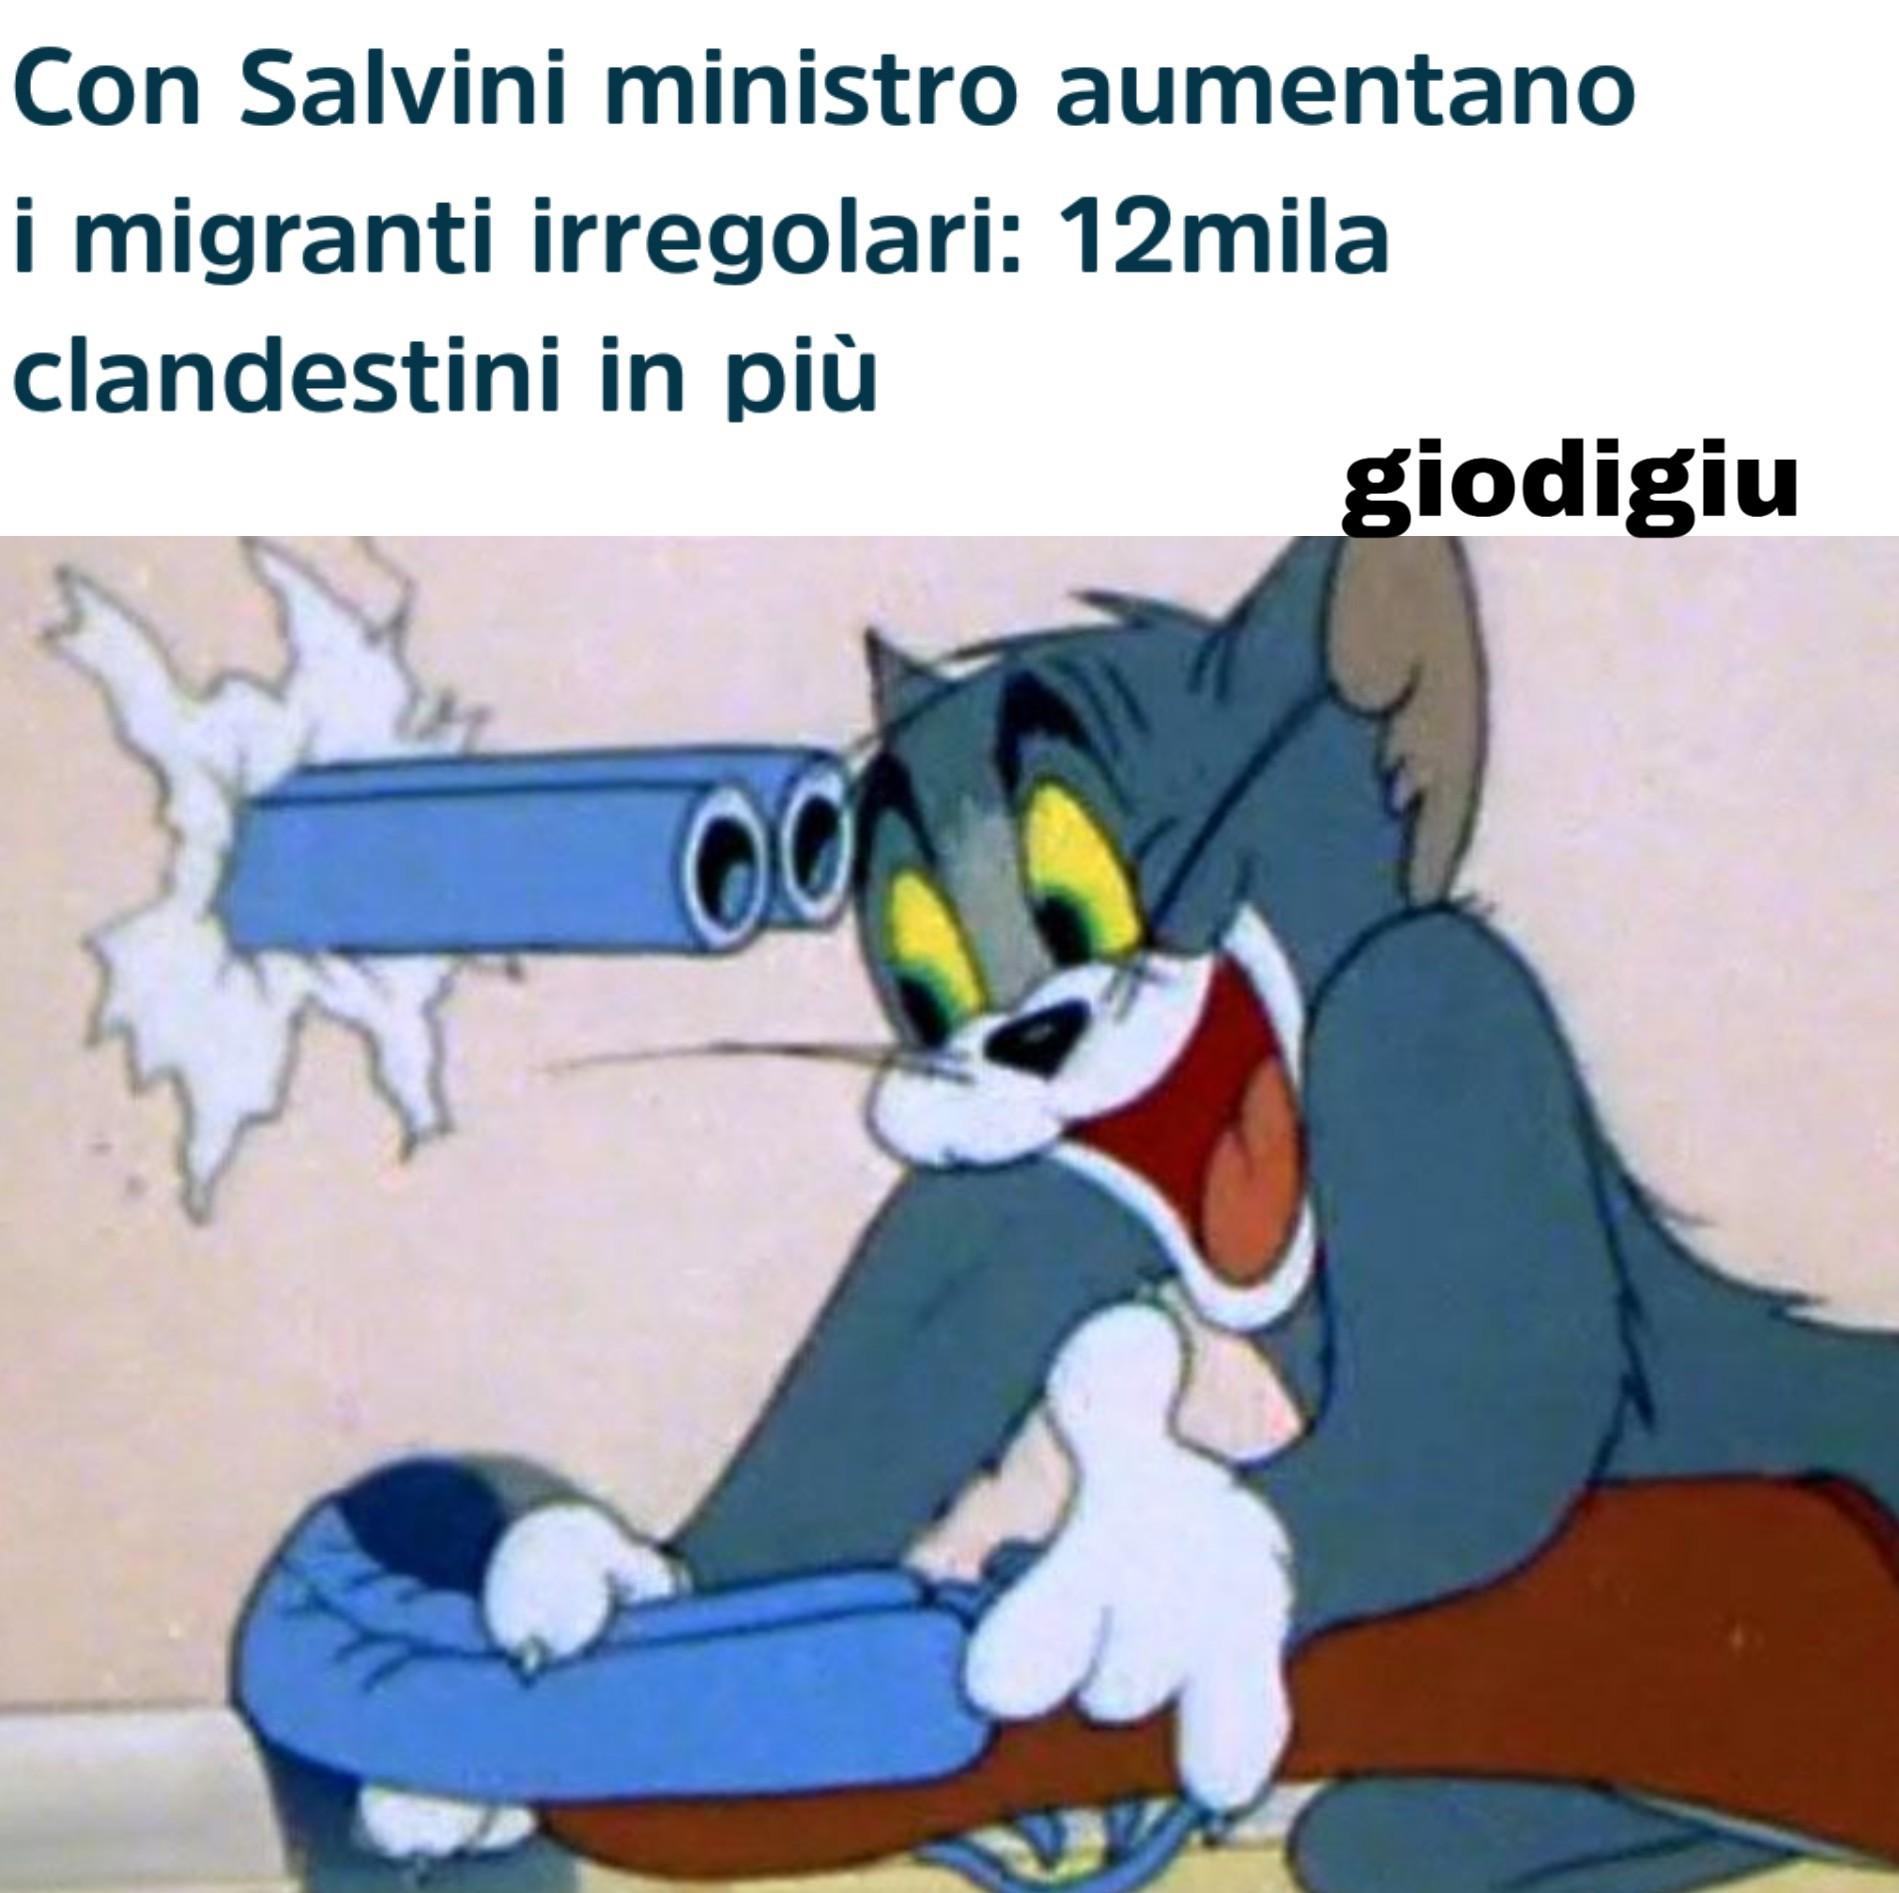 Boh tipo il 3 - meme